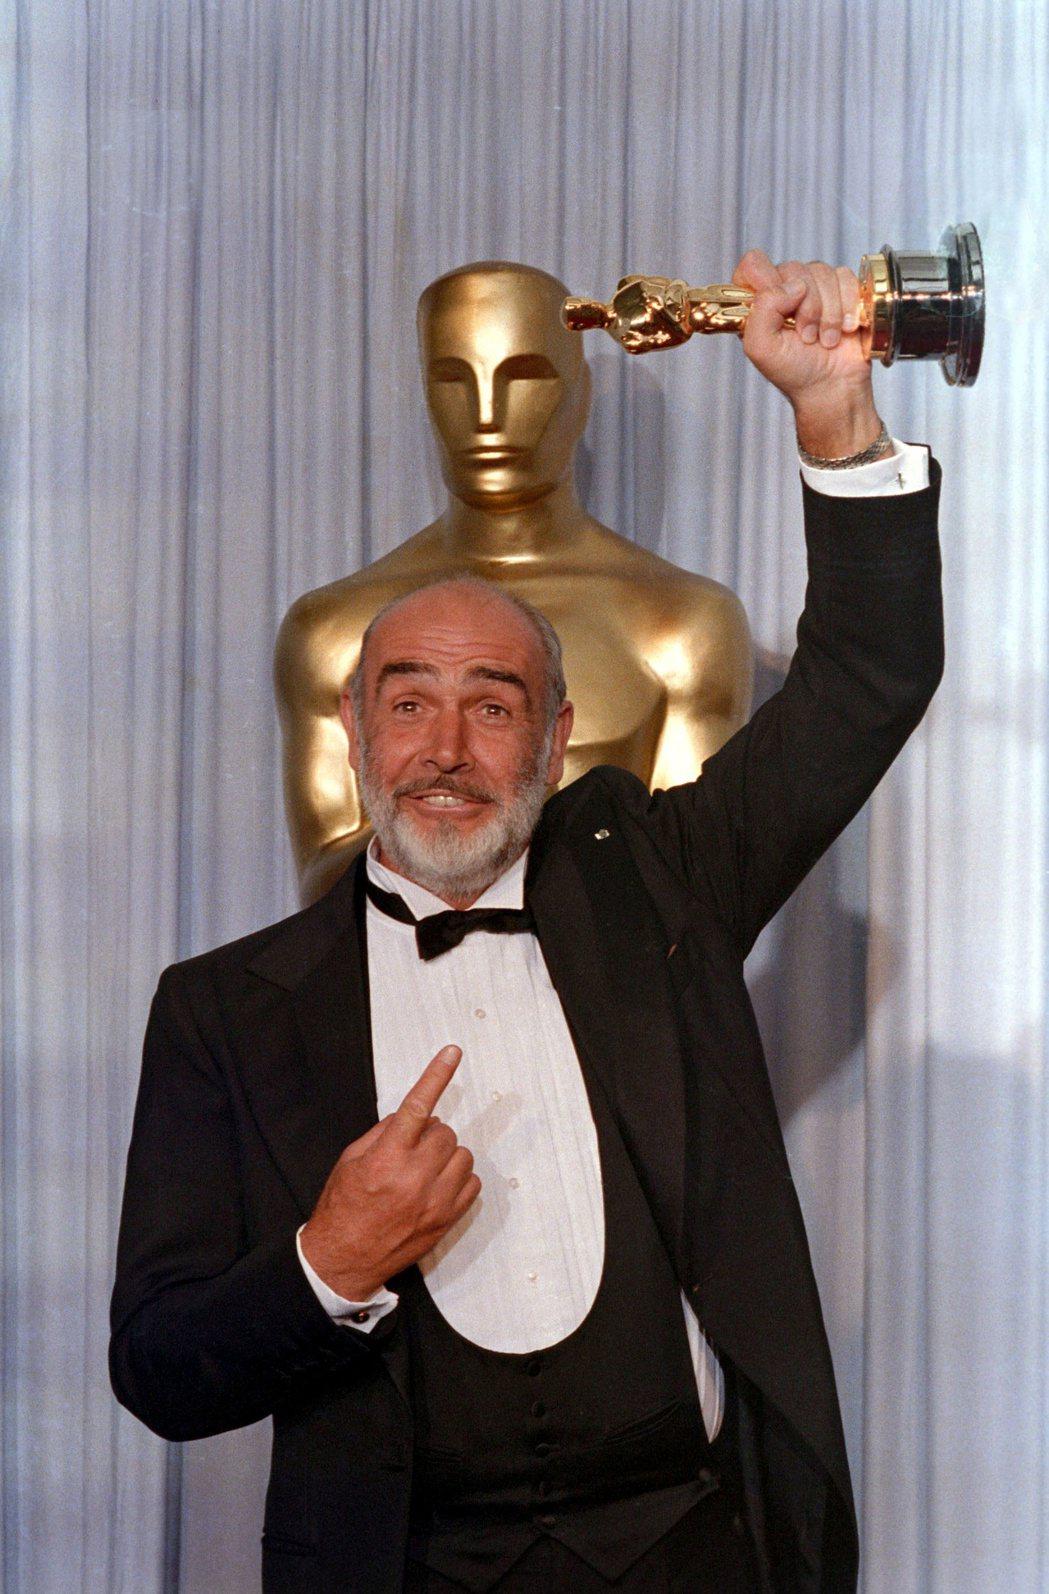 史恩康納萊榮獲奧斯卡最佳男配角獎。圖/路透資料照片